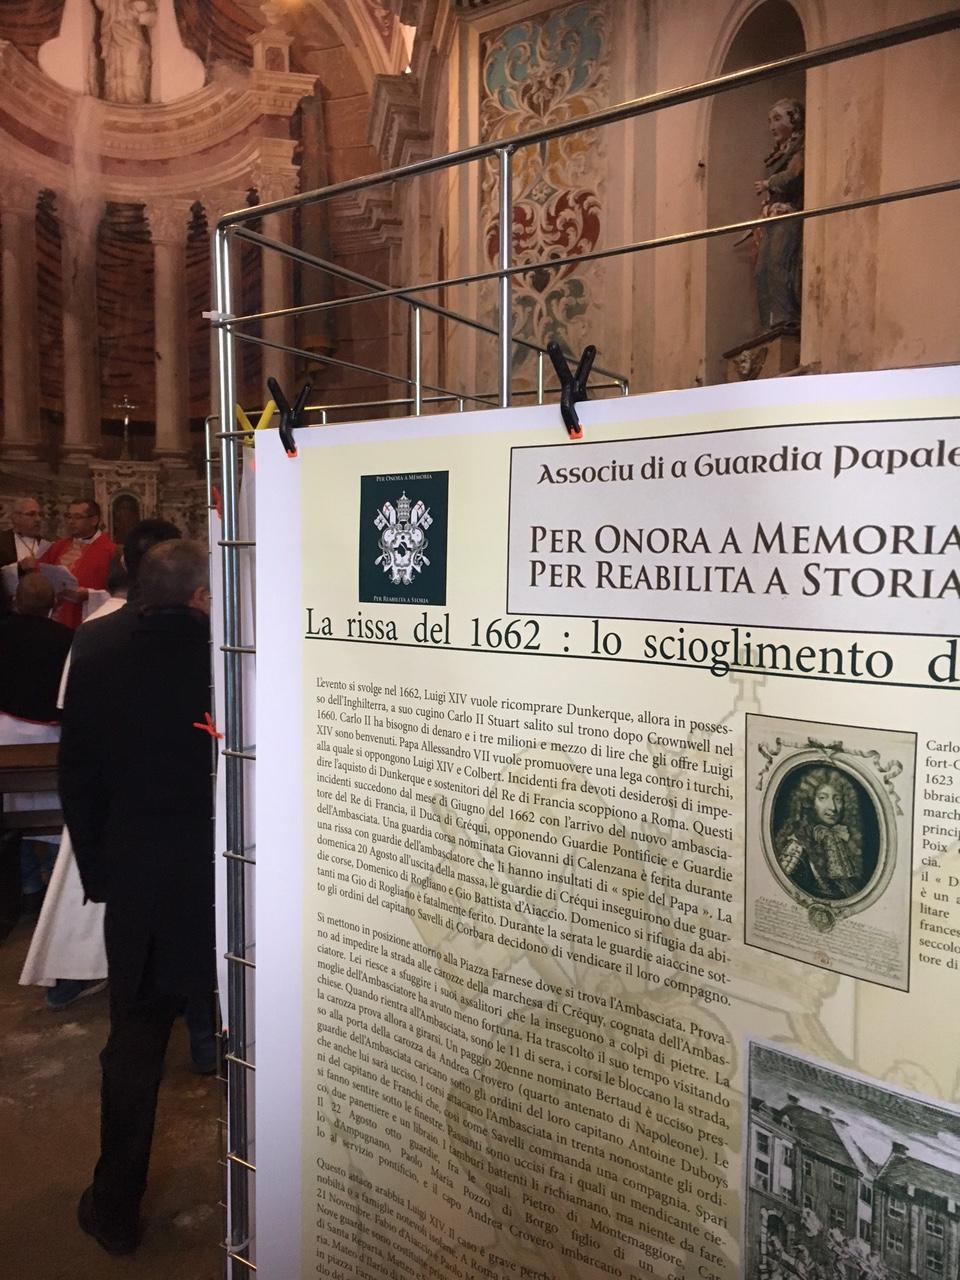 La chapelle Santa Divota, lieu d'accueil et de rencontre pour l'associu Guarda Corsa Papale.